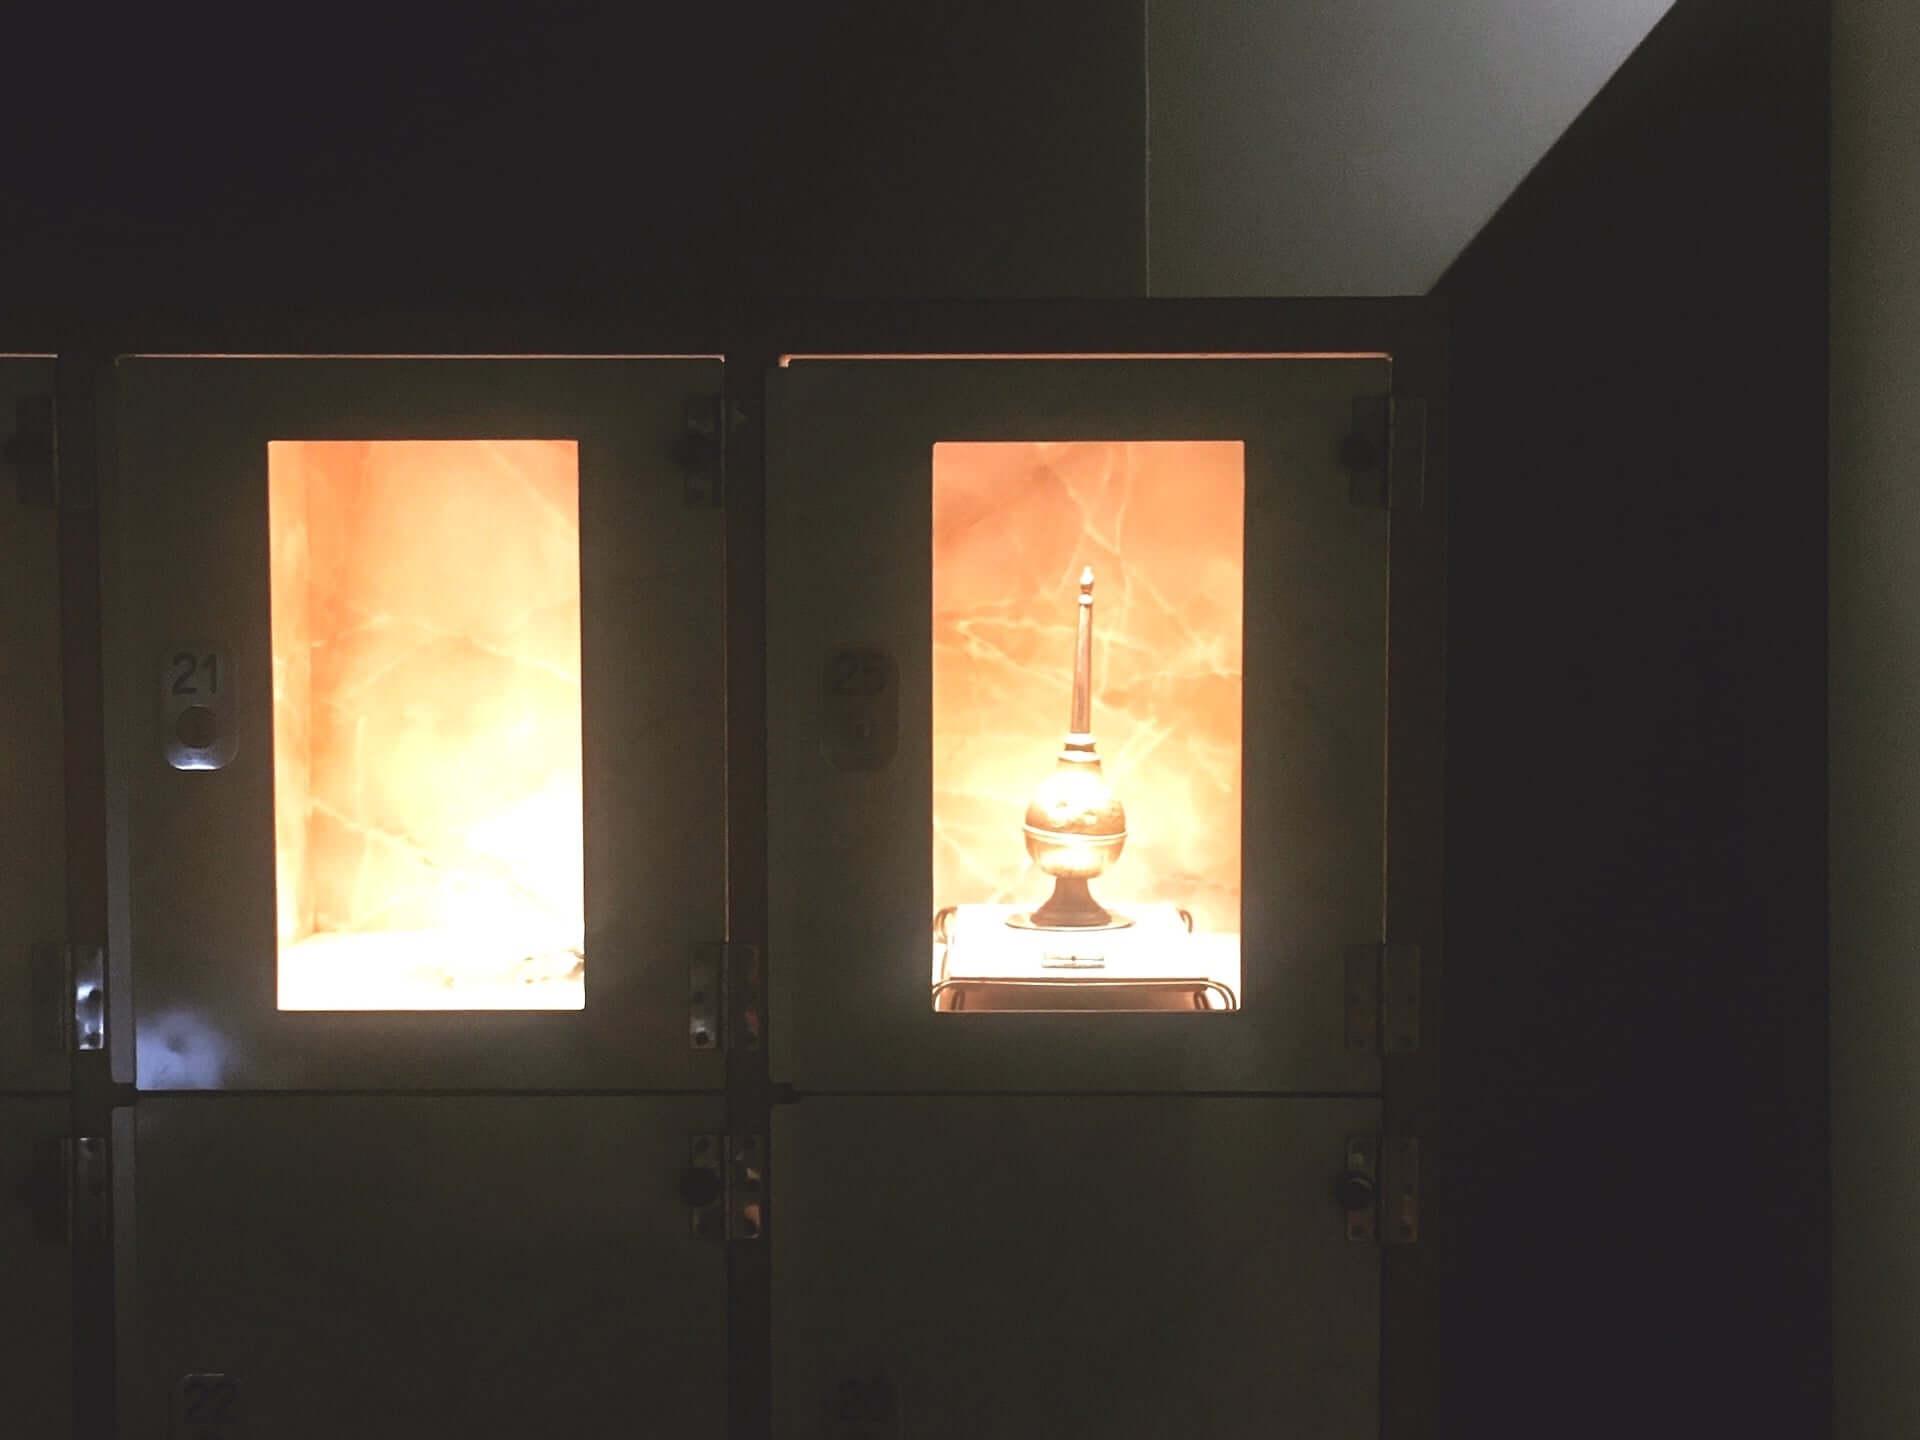 銭湯を改装した異空間!アートとカフェが一体となった「芸術銭湯+Café 宮の湯」が根津にオープン art200602_cafe_miyanoyu_3-1920x1440